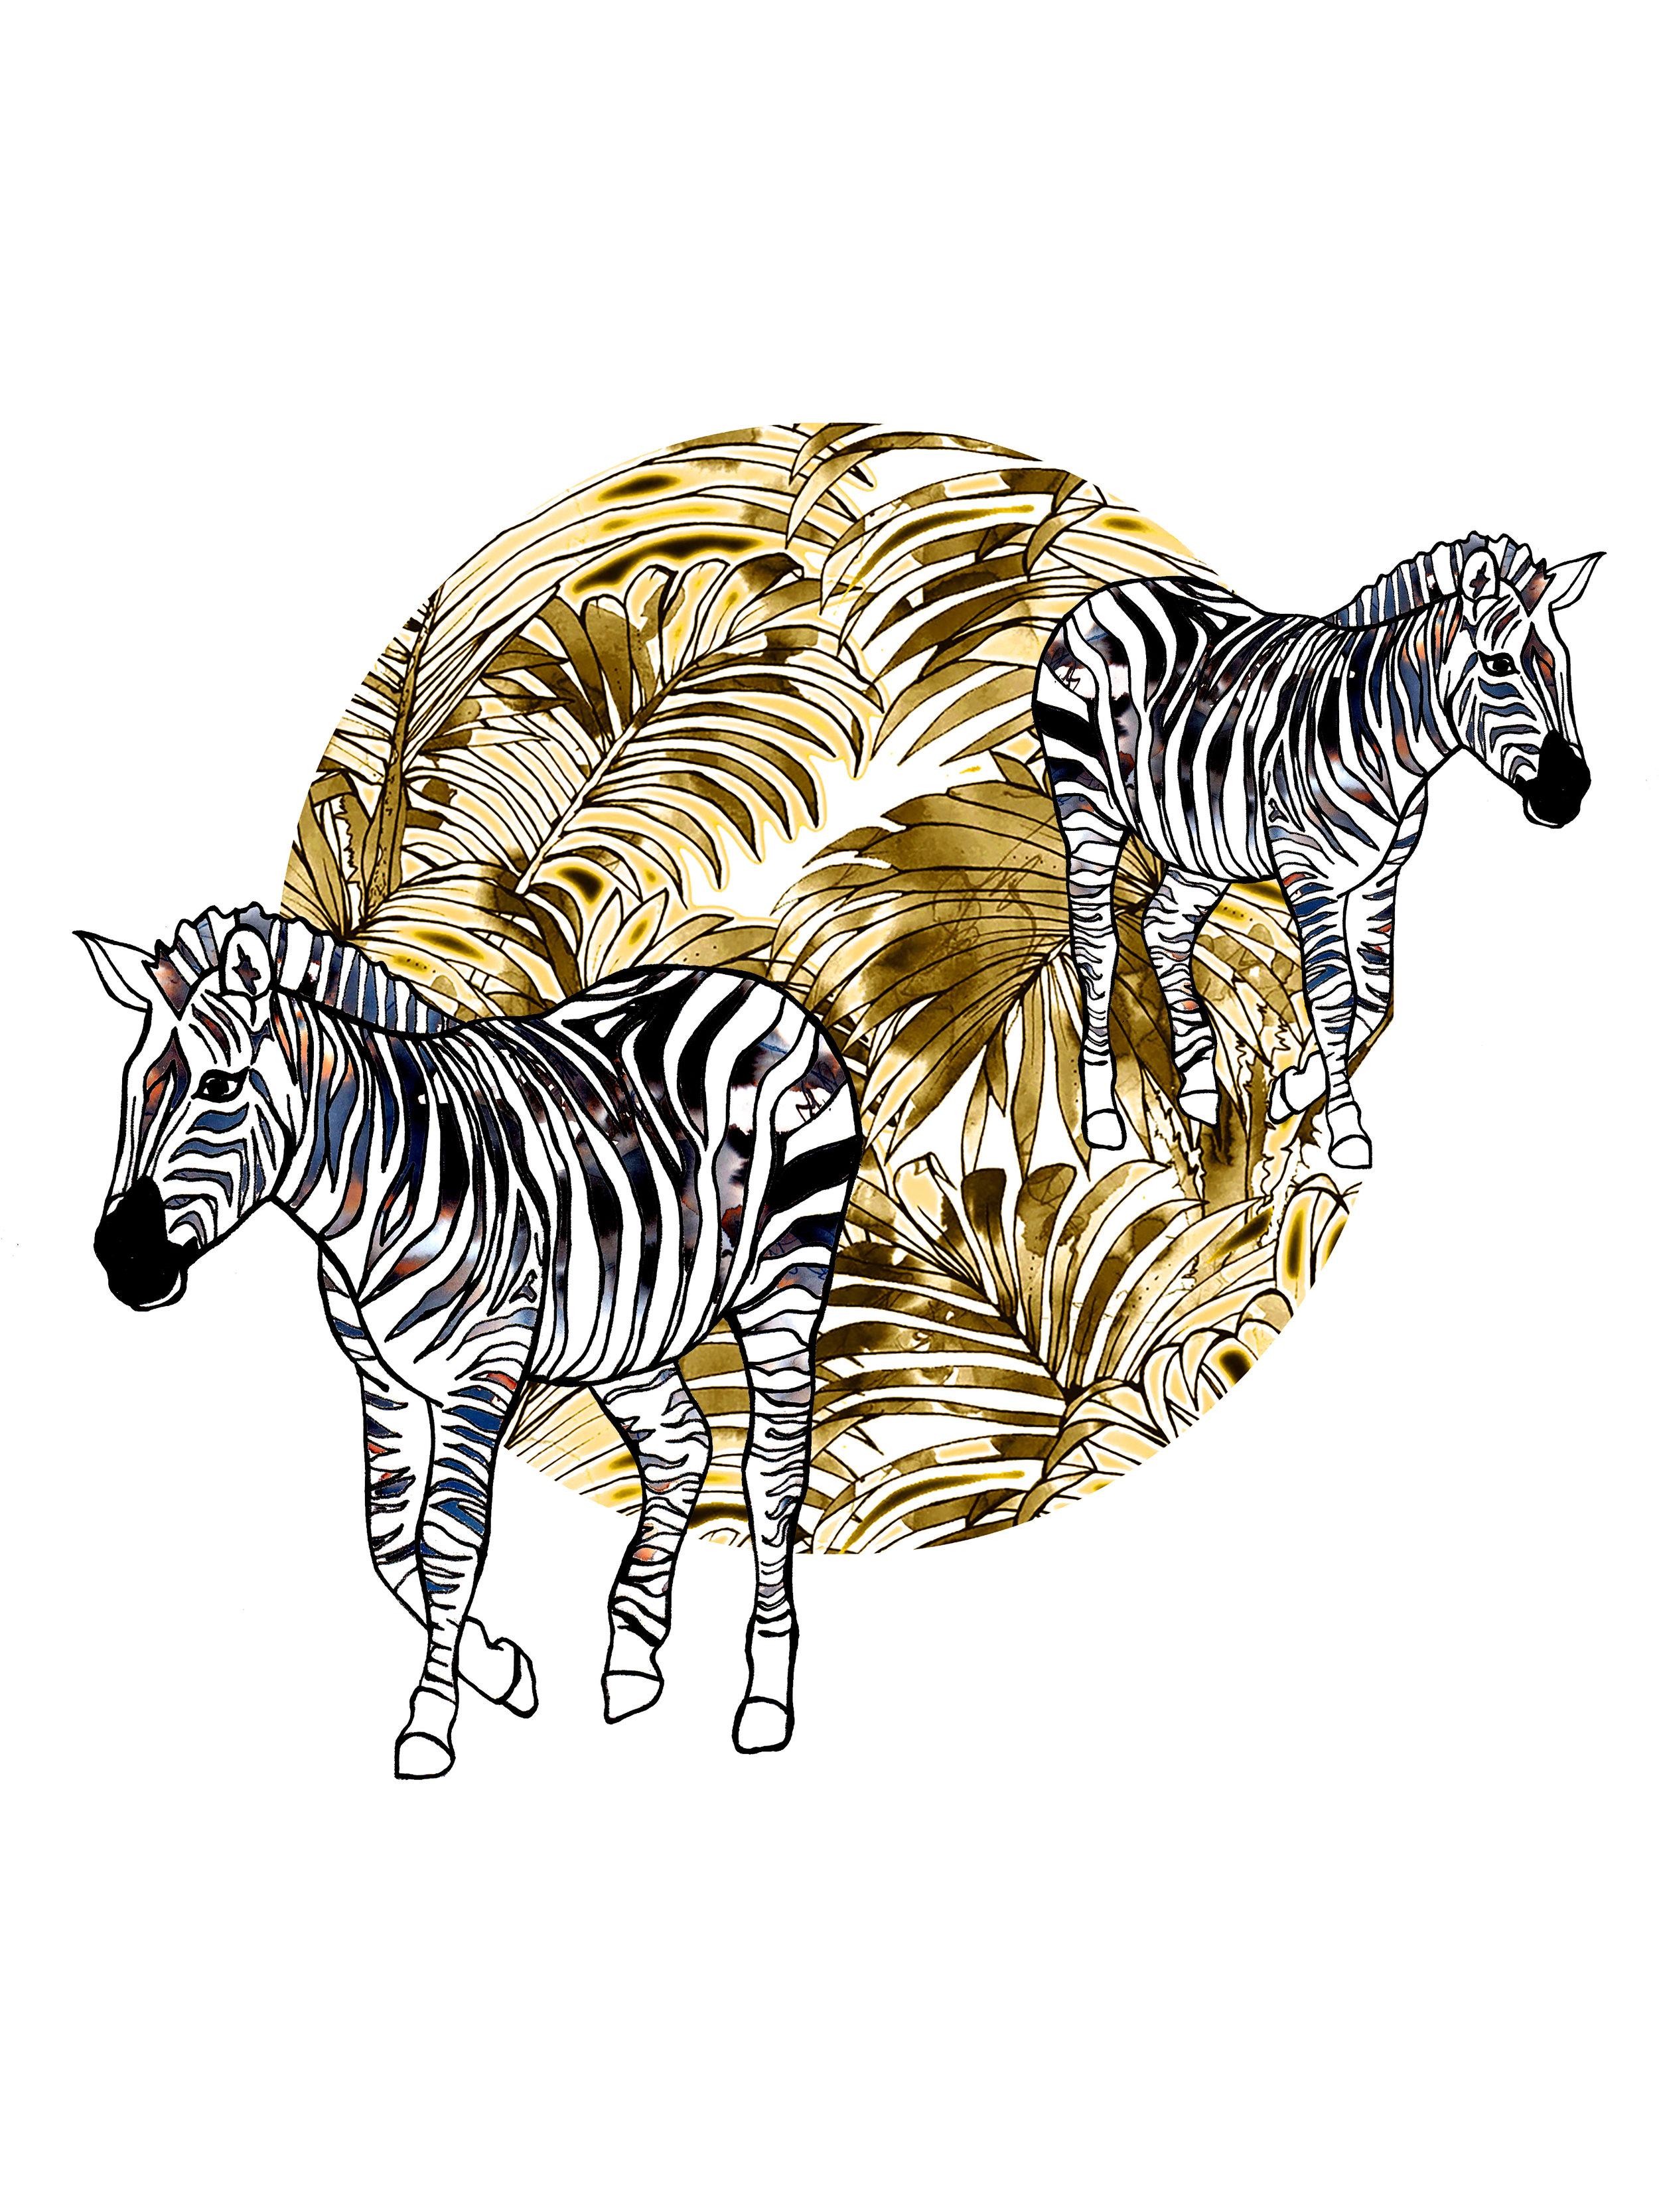 safari zebras.jpg